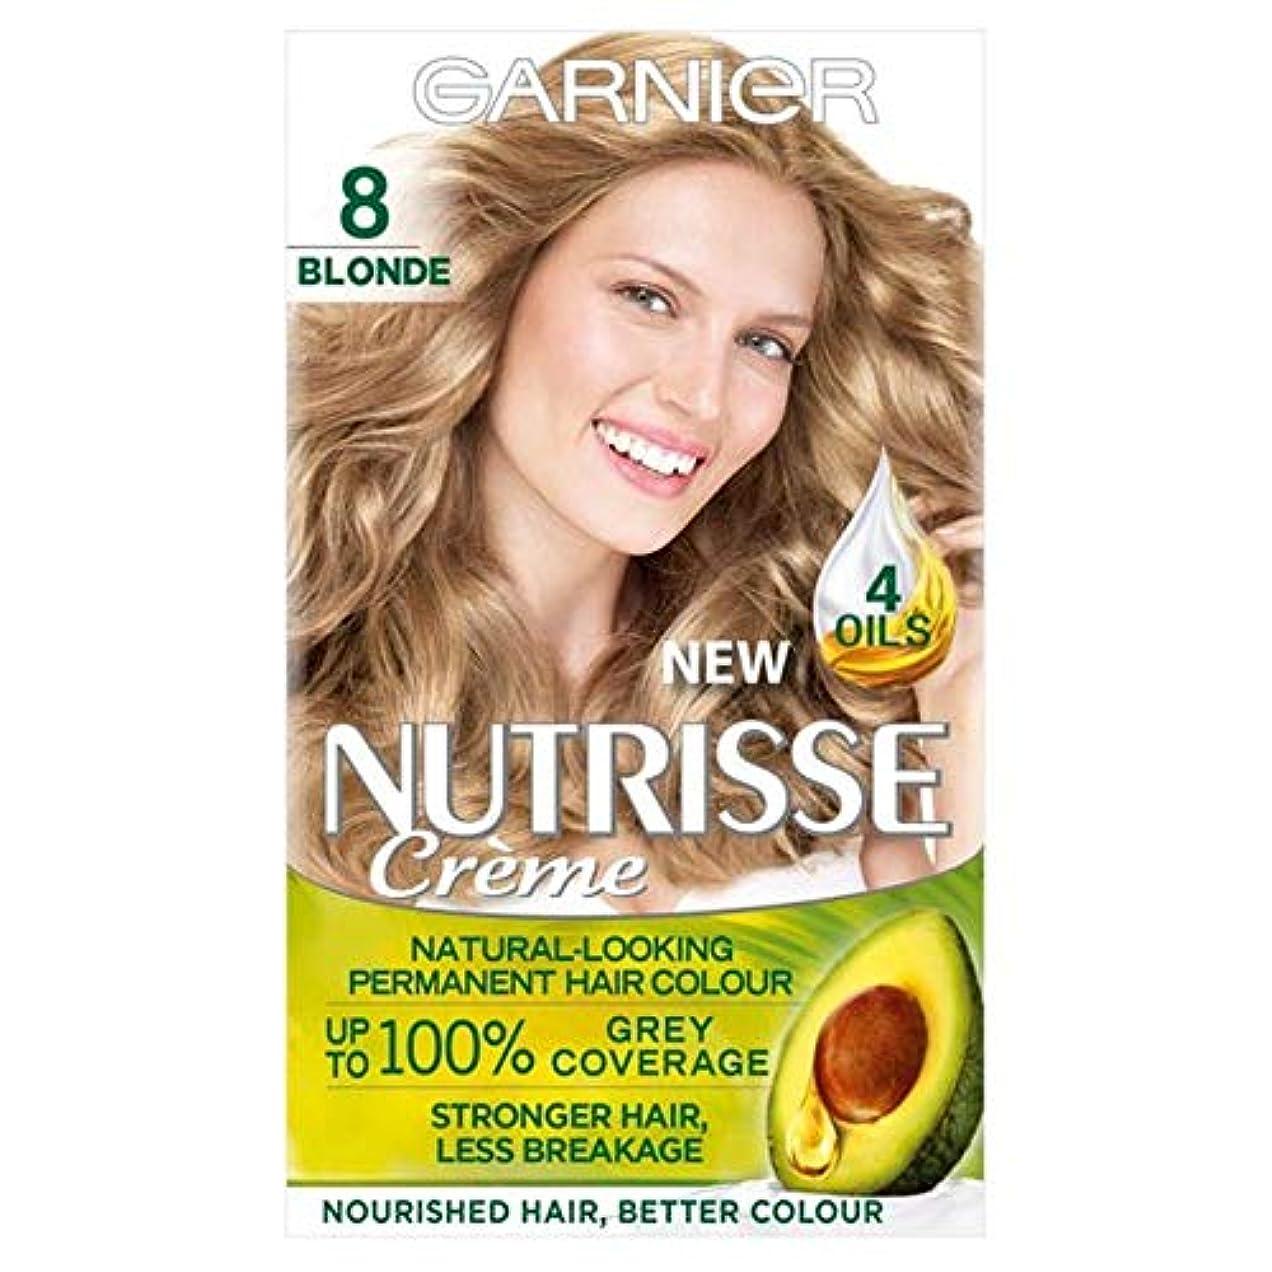 頼る反抗水素[Nutrisse] 8ブロンドの永久染毛剤Nutrisseガルニエ - Garnier Nutrisse 8 Blonde Permanent Hair Dye [並行輸入品]